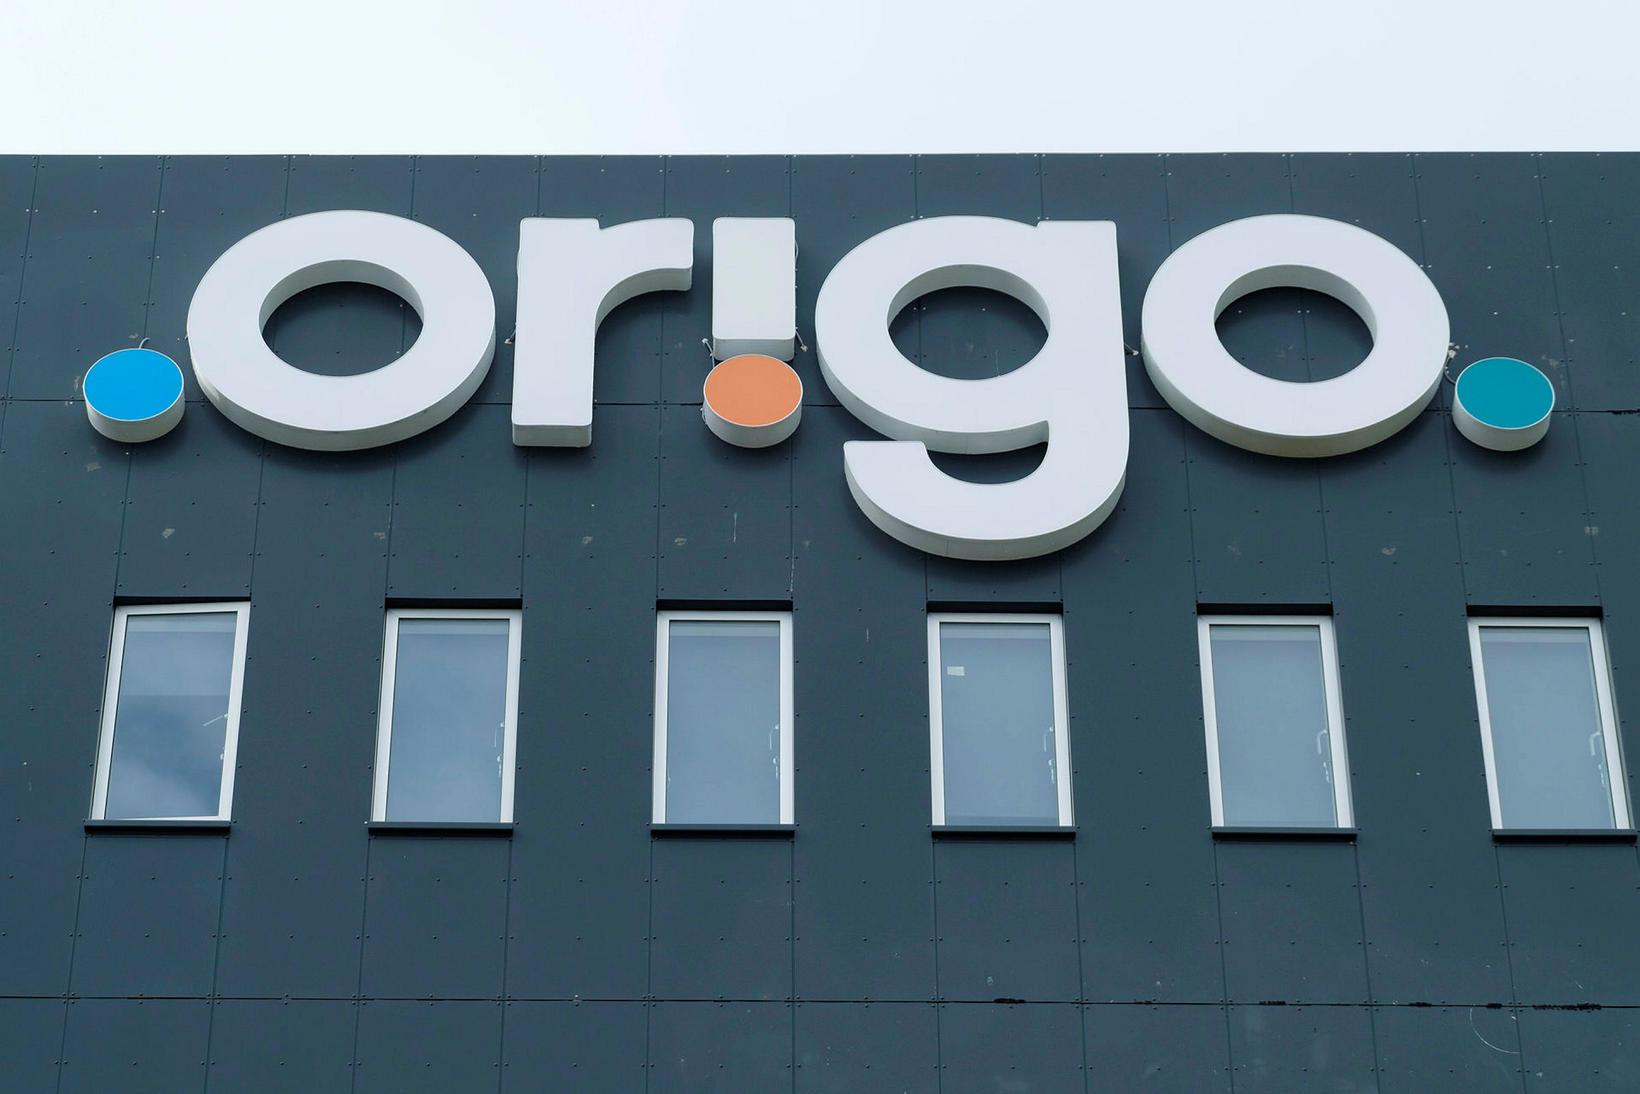 Origo sérhæfir sig í þjónustu á sviði upplýsingatækni.